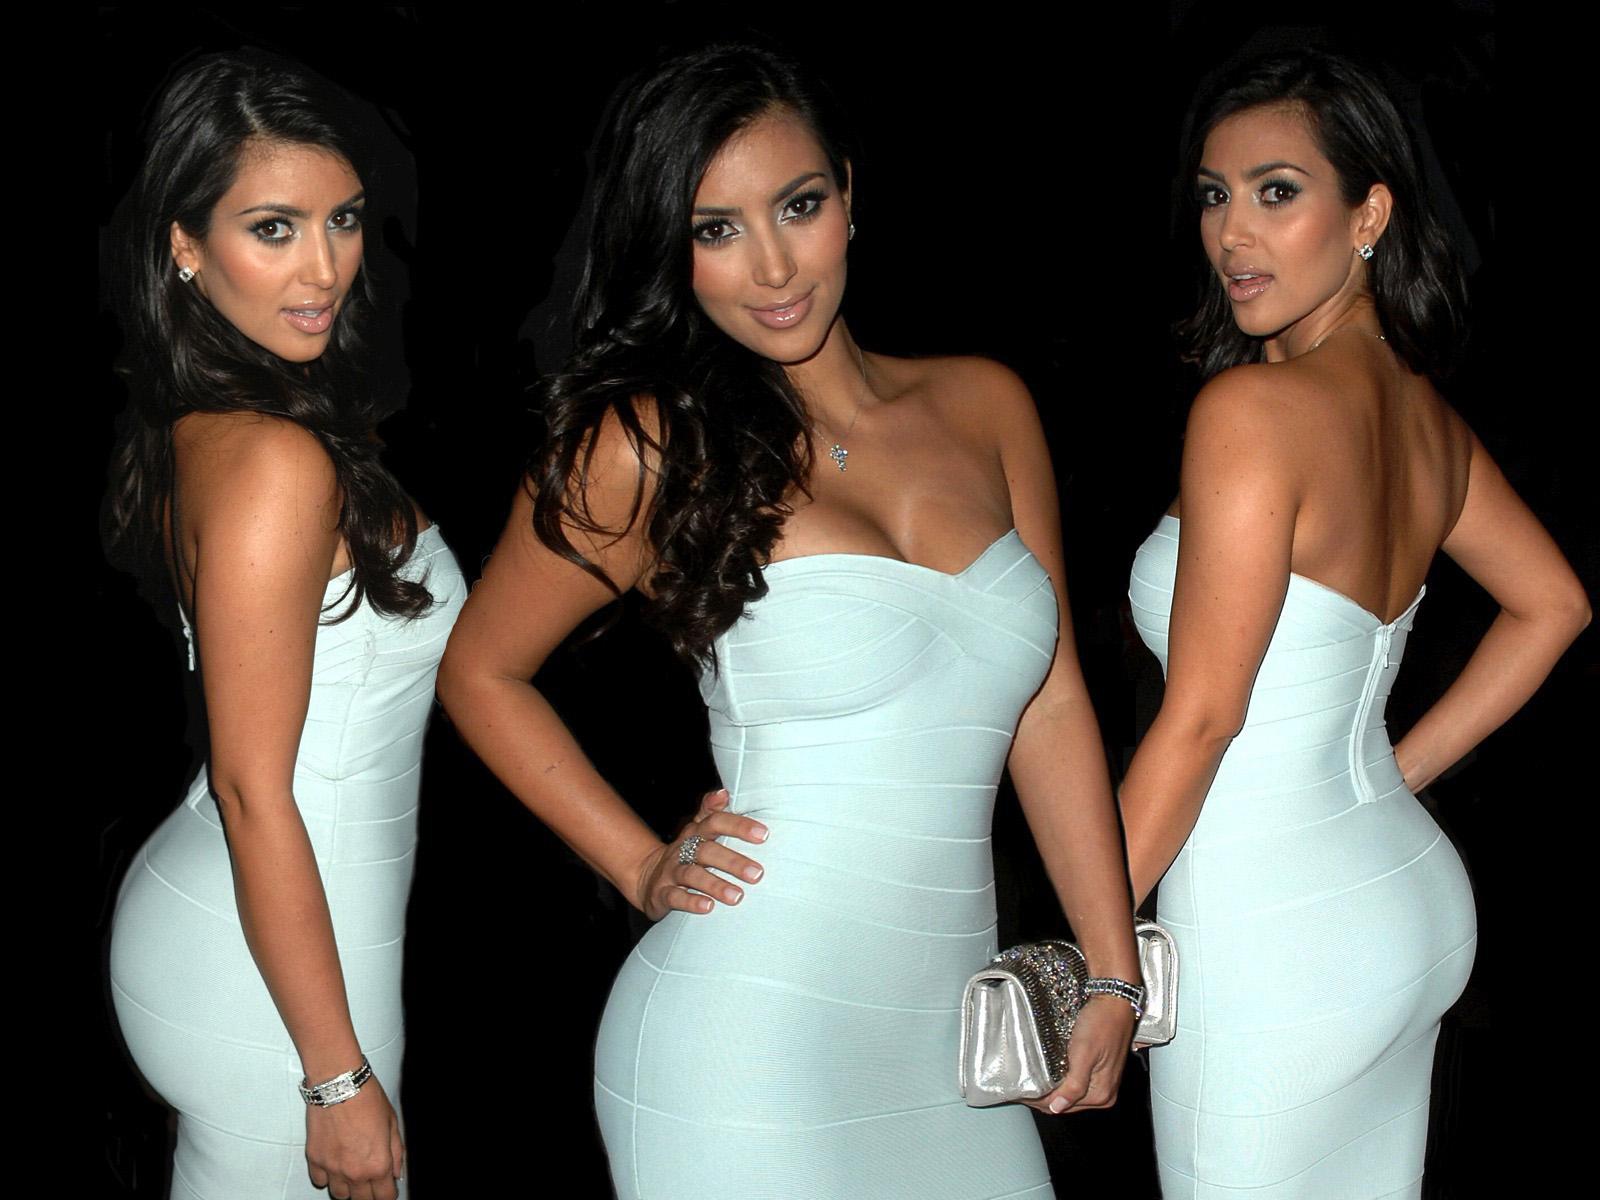 http://3.bp.blogspot.com/-dwuuraIiU8U/TlLkEwcPU7I/AAAAAAAAAEc/VXGSo16oIy0/s1600/Did+Kim+Kardashian+Get+Breast+Implants+2.jpg